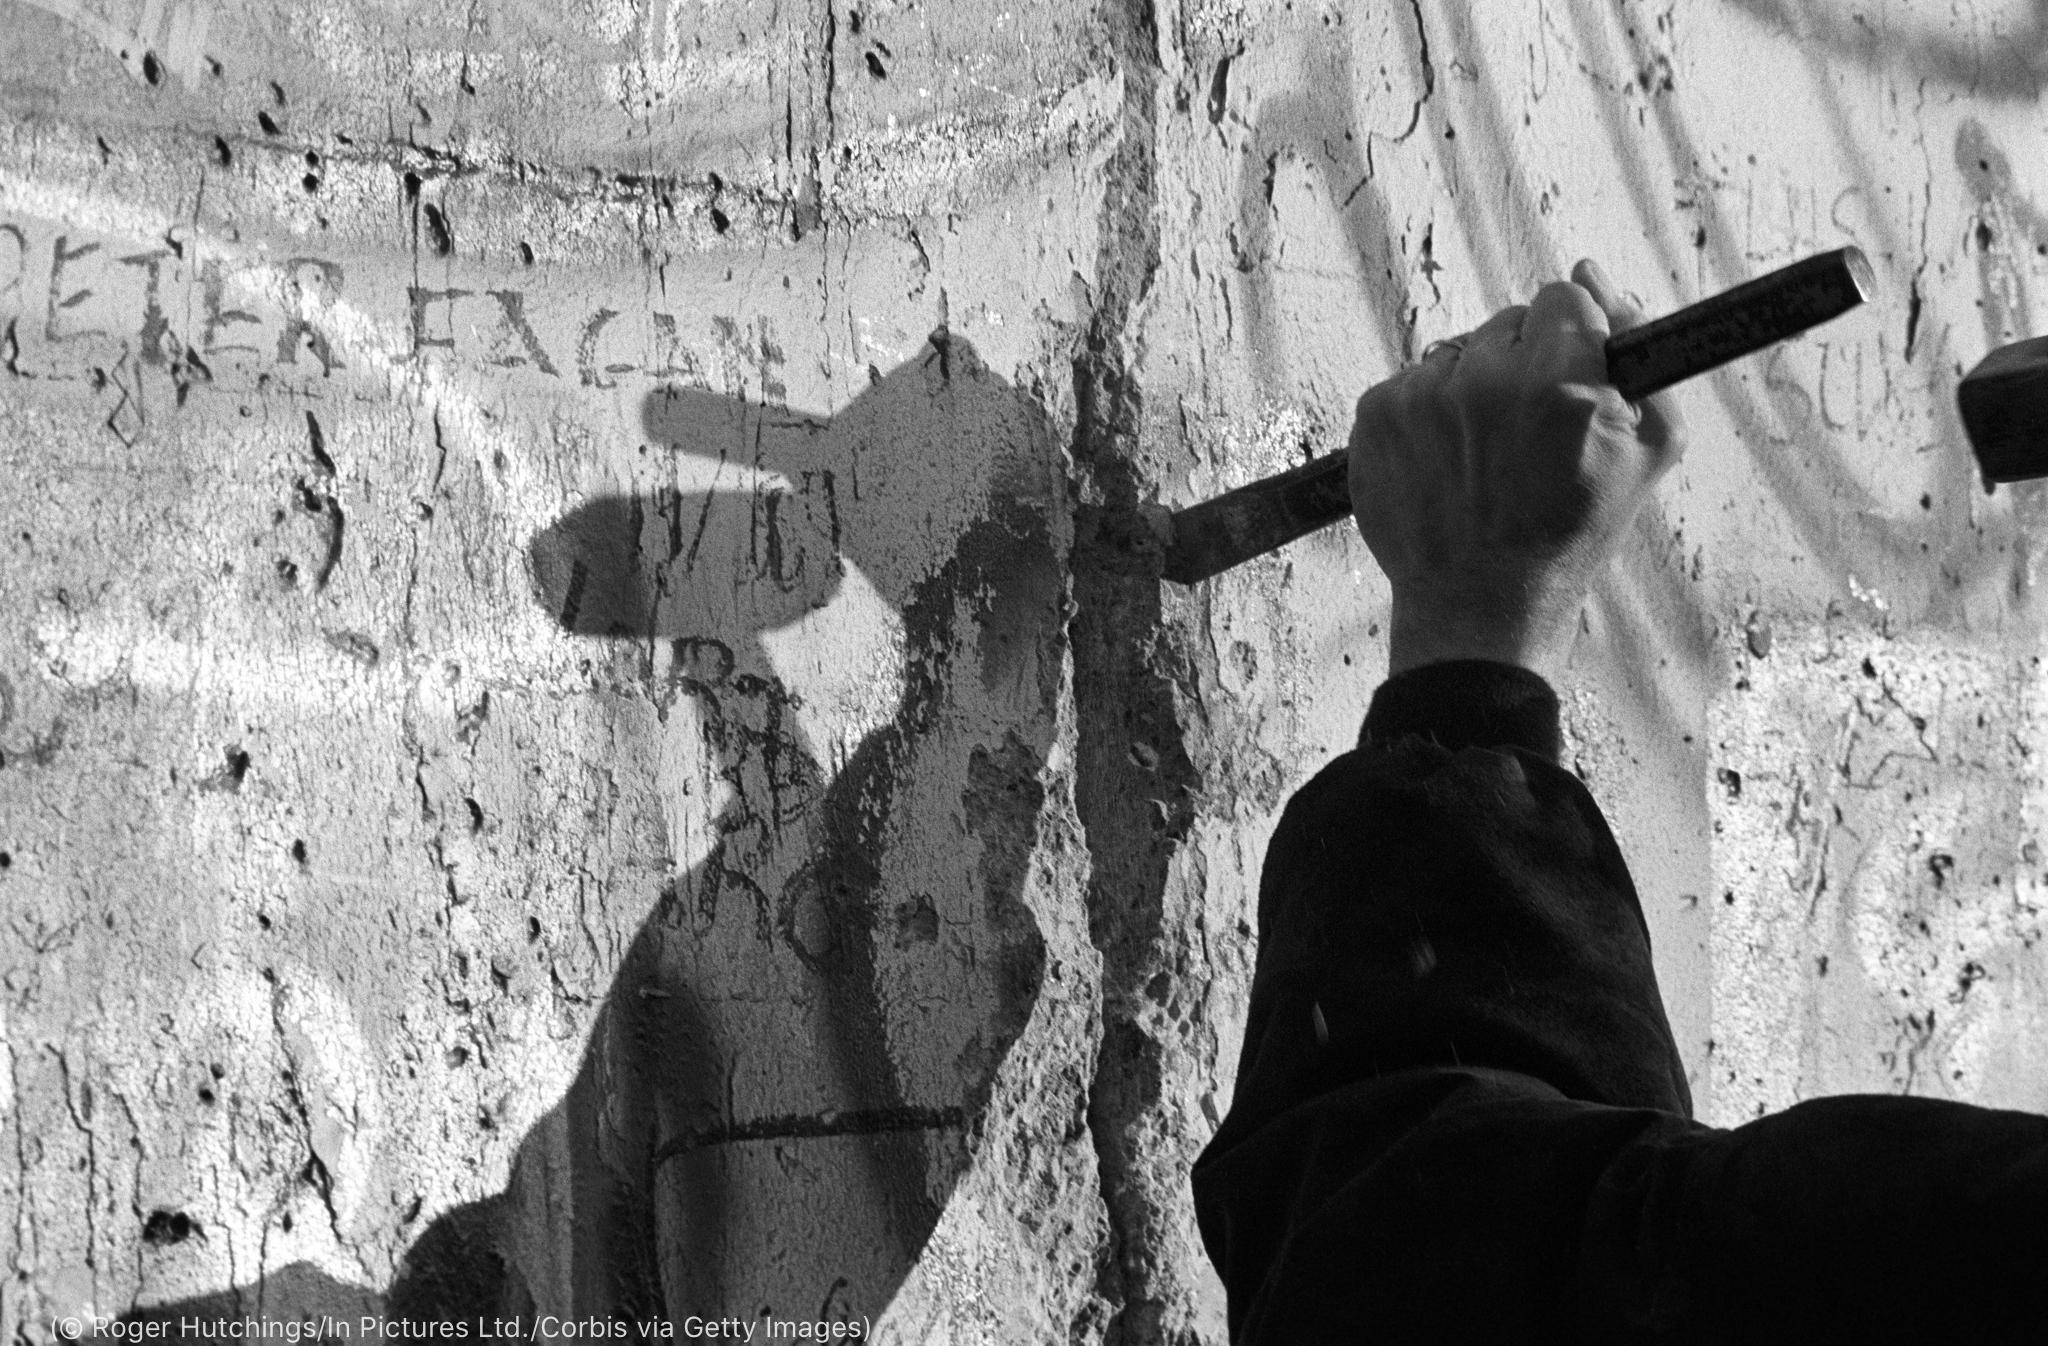 Une personne taillant dans un mur (© Roger Hutchings/In Pictures Ltd./Corbis via Getty Images)